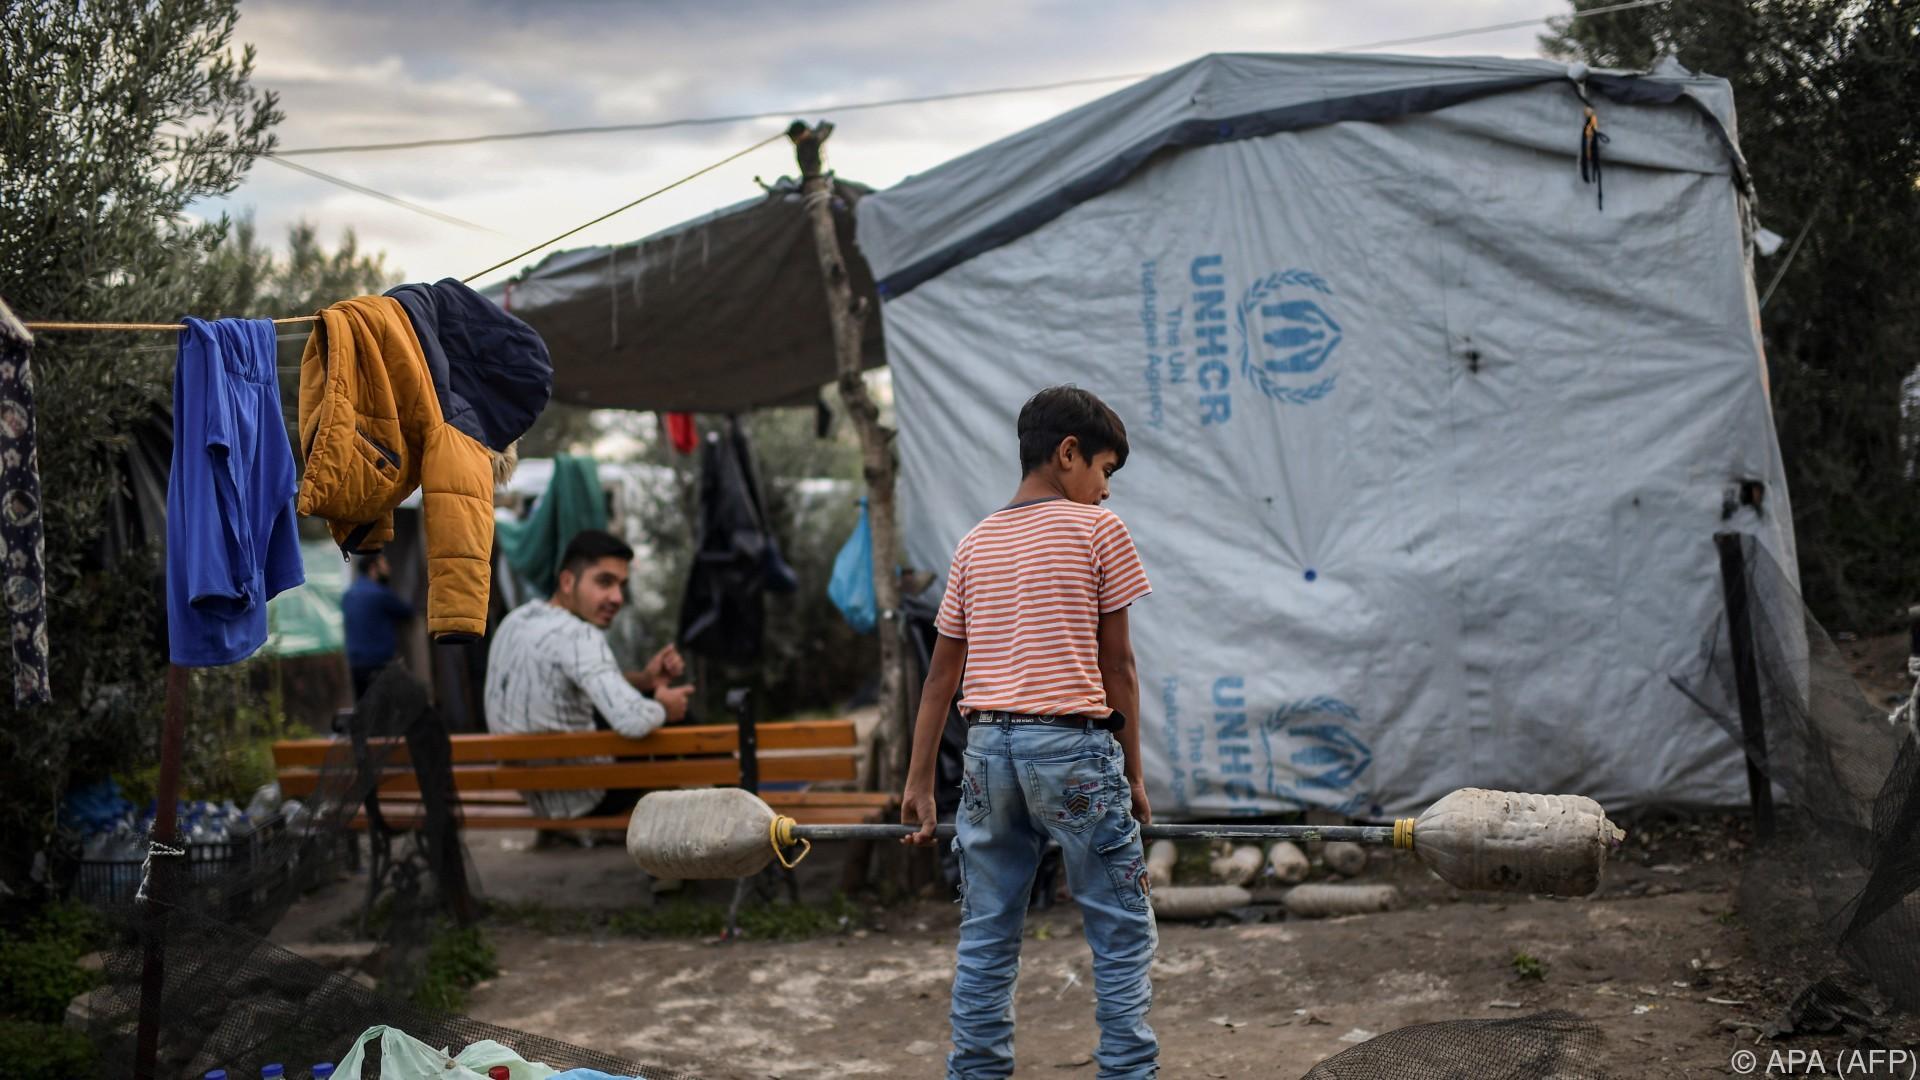 Unruhen nach tödlicher Messerattacke in Flüchtlingscamp